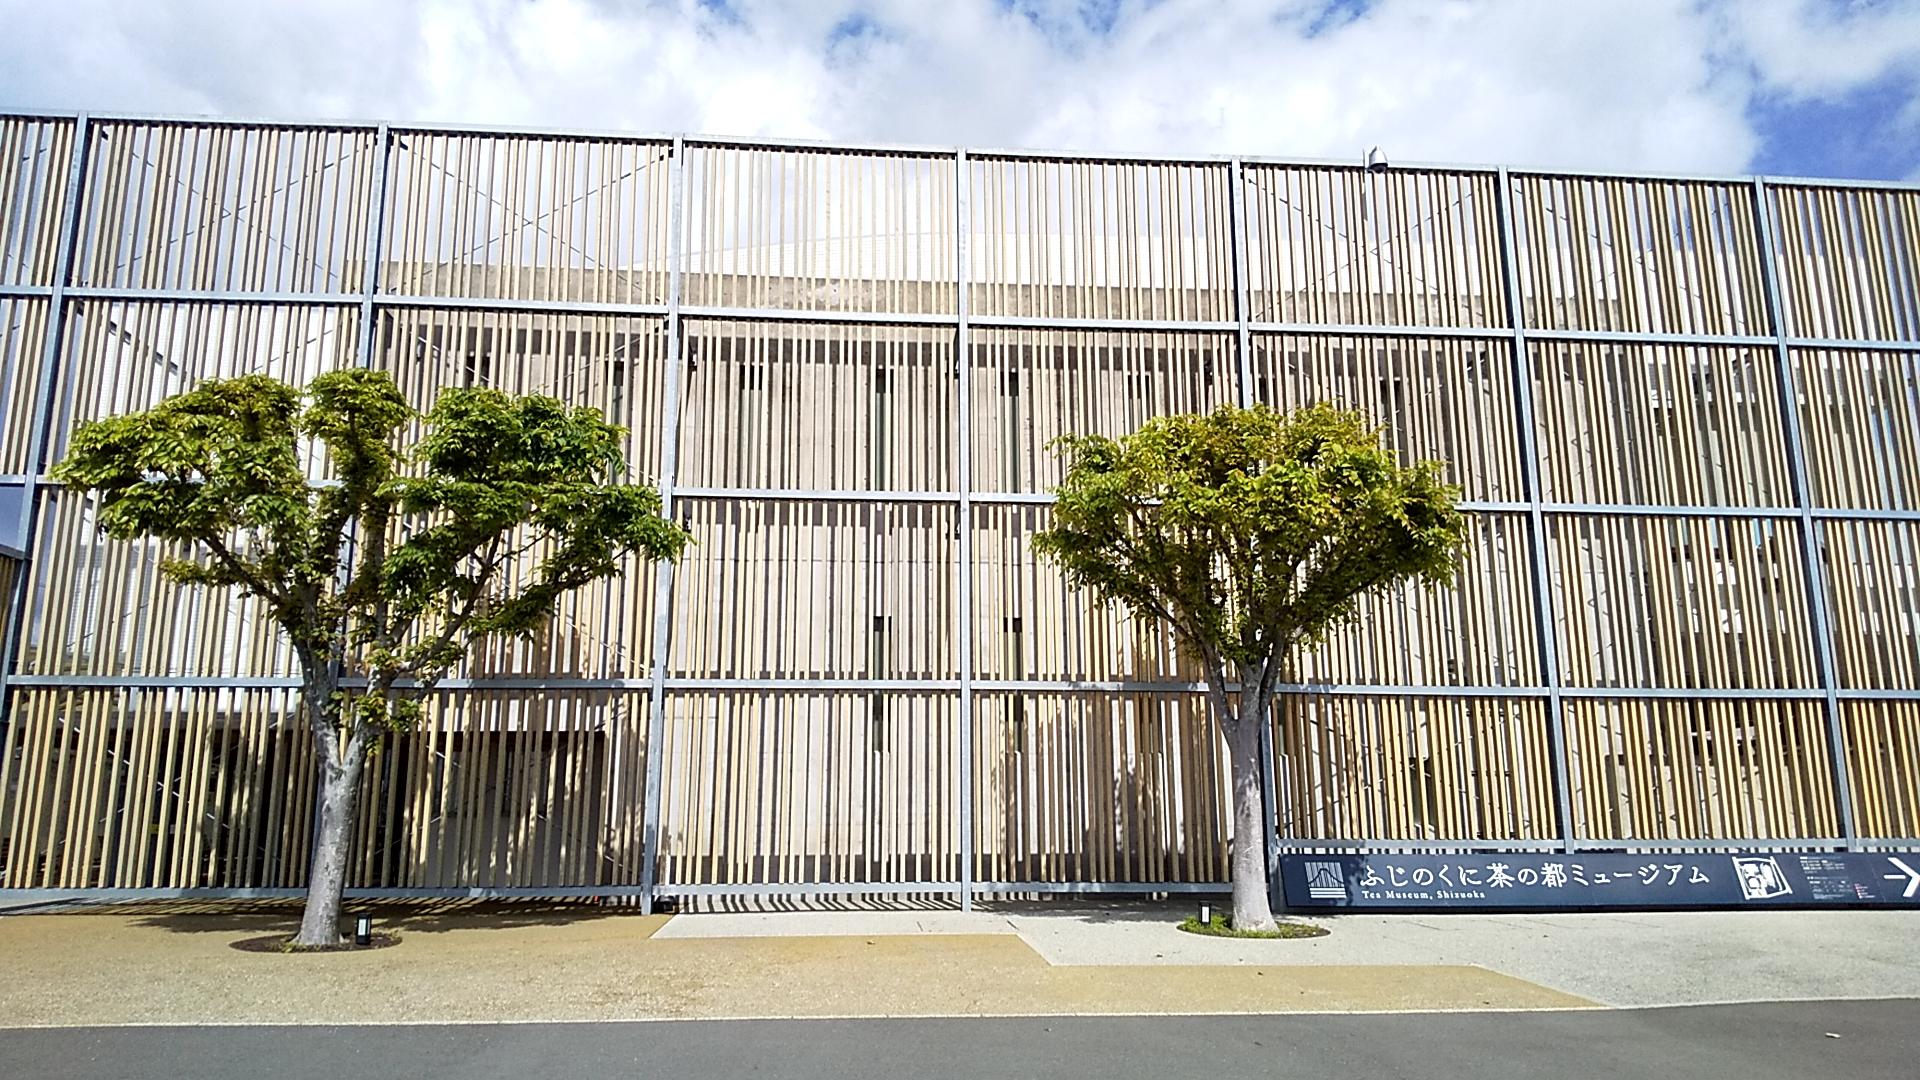 ふじのくに茶の都ミュージアム入口